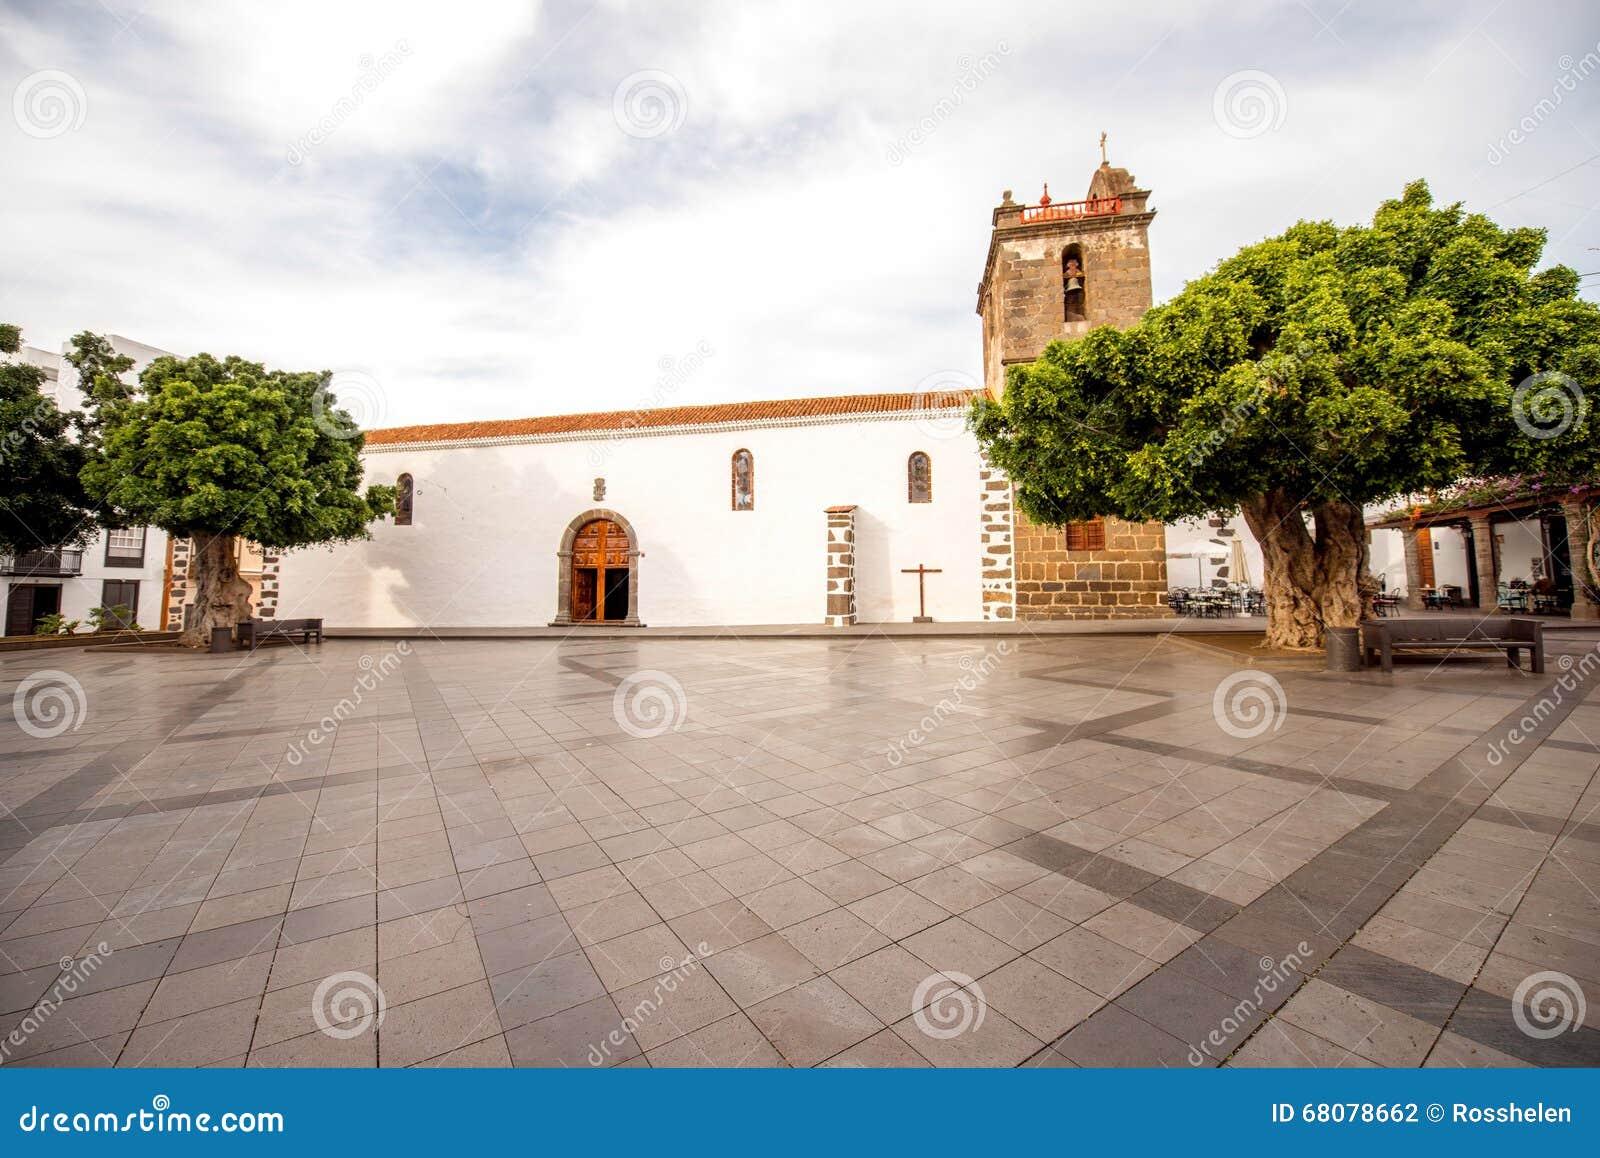 Los LLanos城市的中心广场